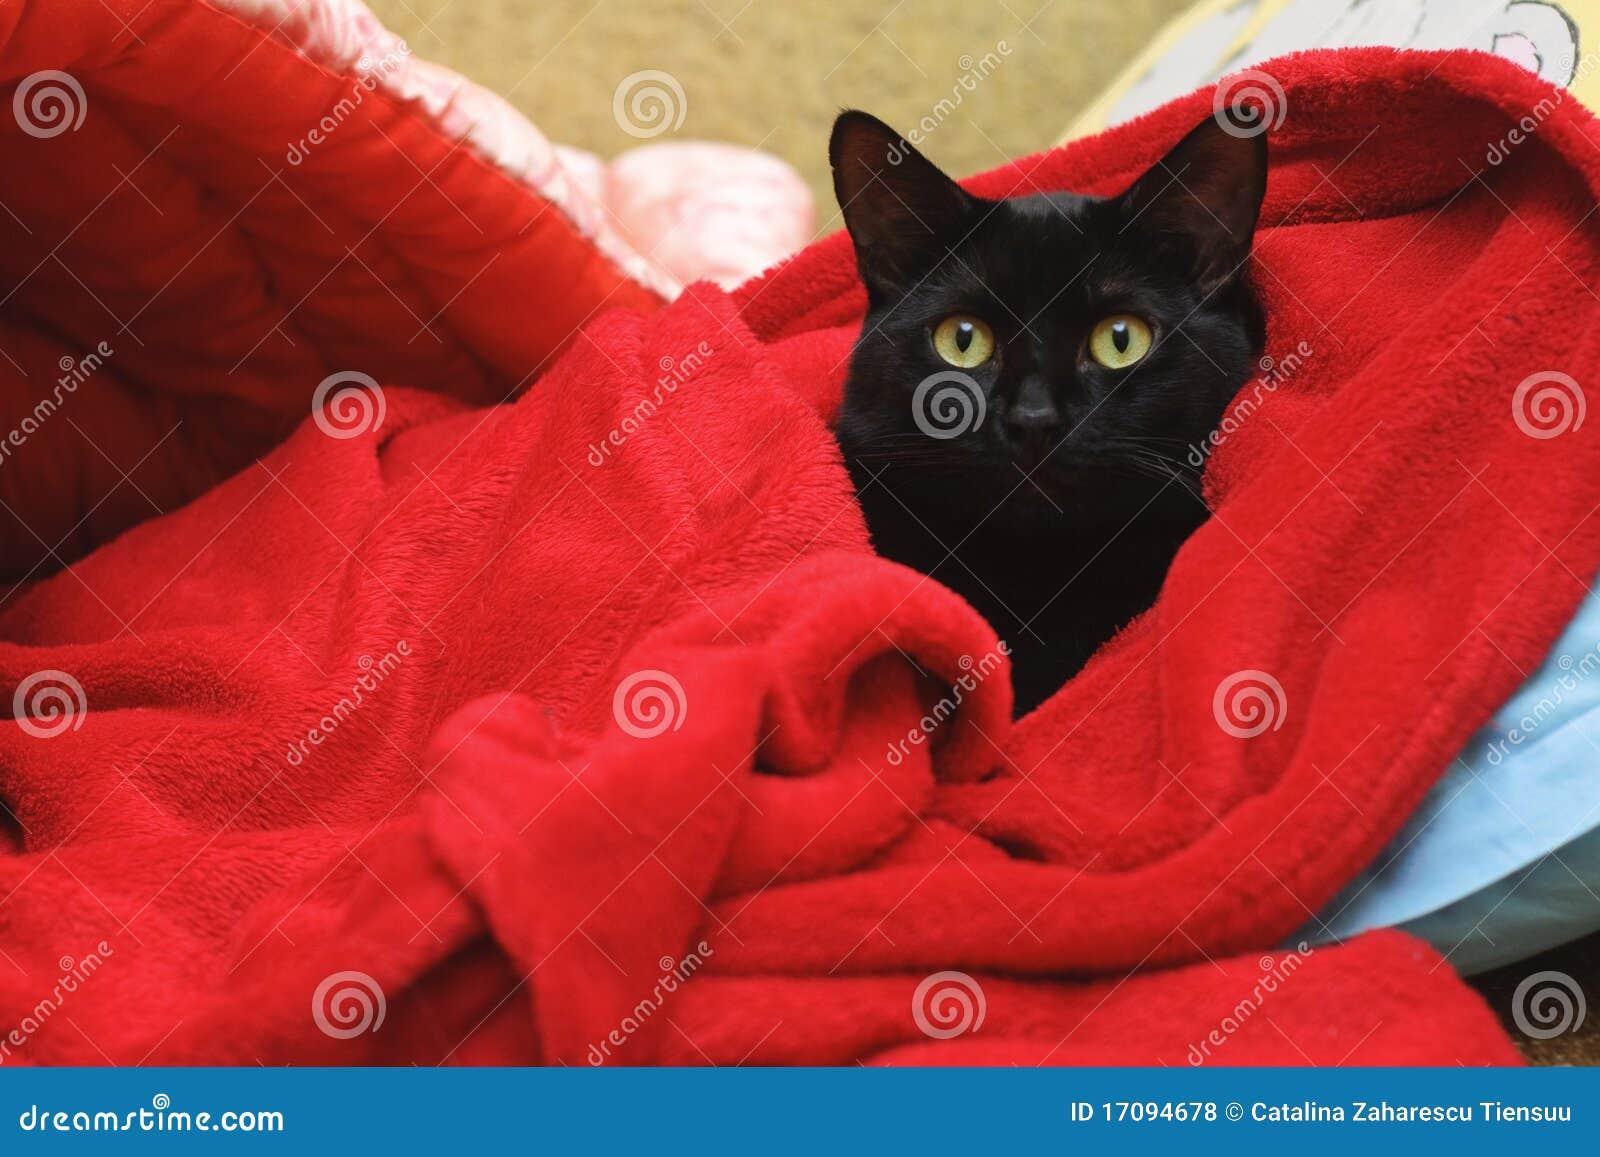 Gato negro bajo una manta roja